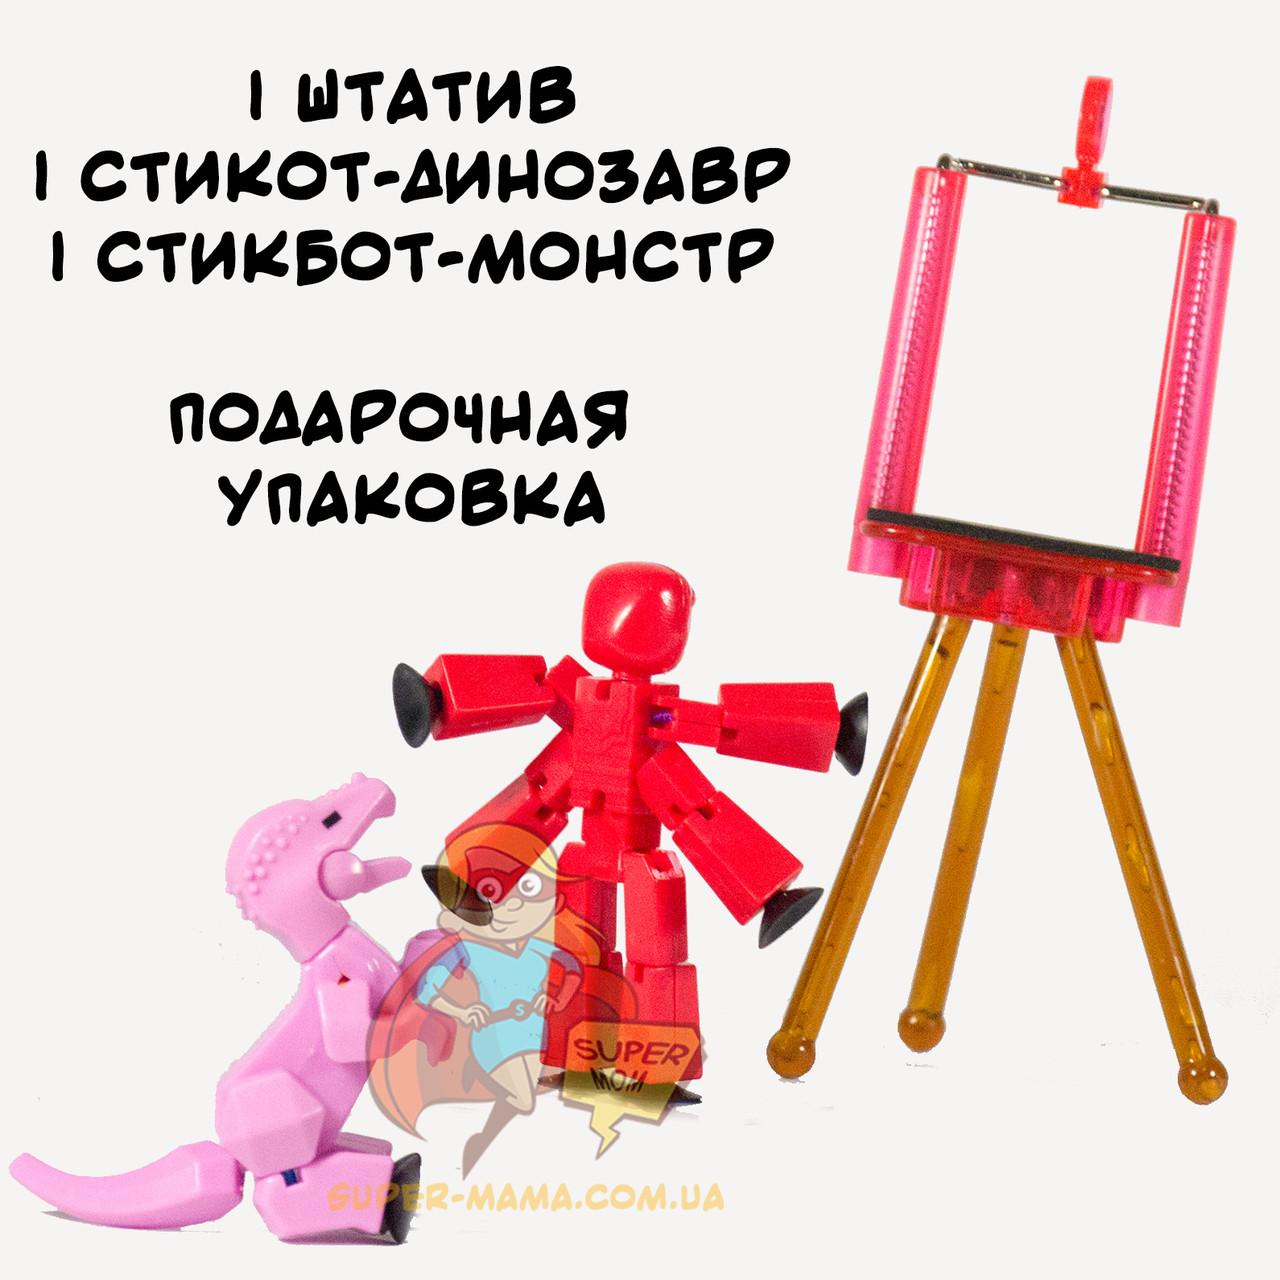 Набор анимационый (1 человек, 1 динозавр) Стикбот Монстр Stikbot Monsters JM-03R